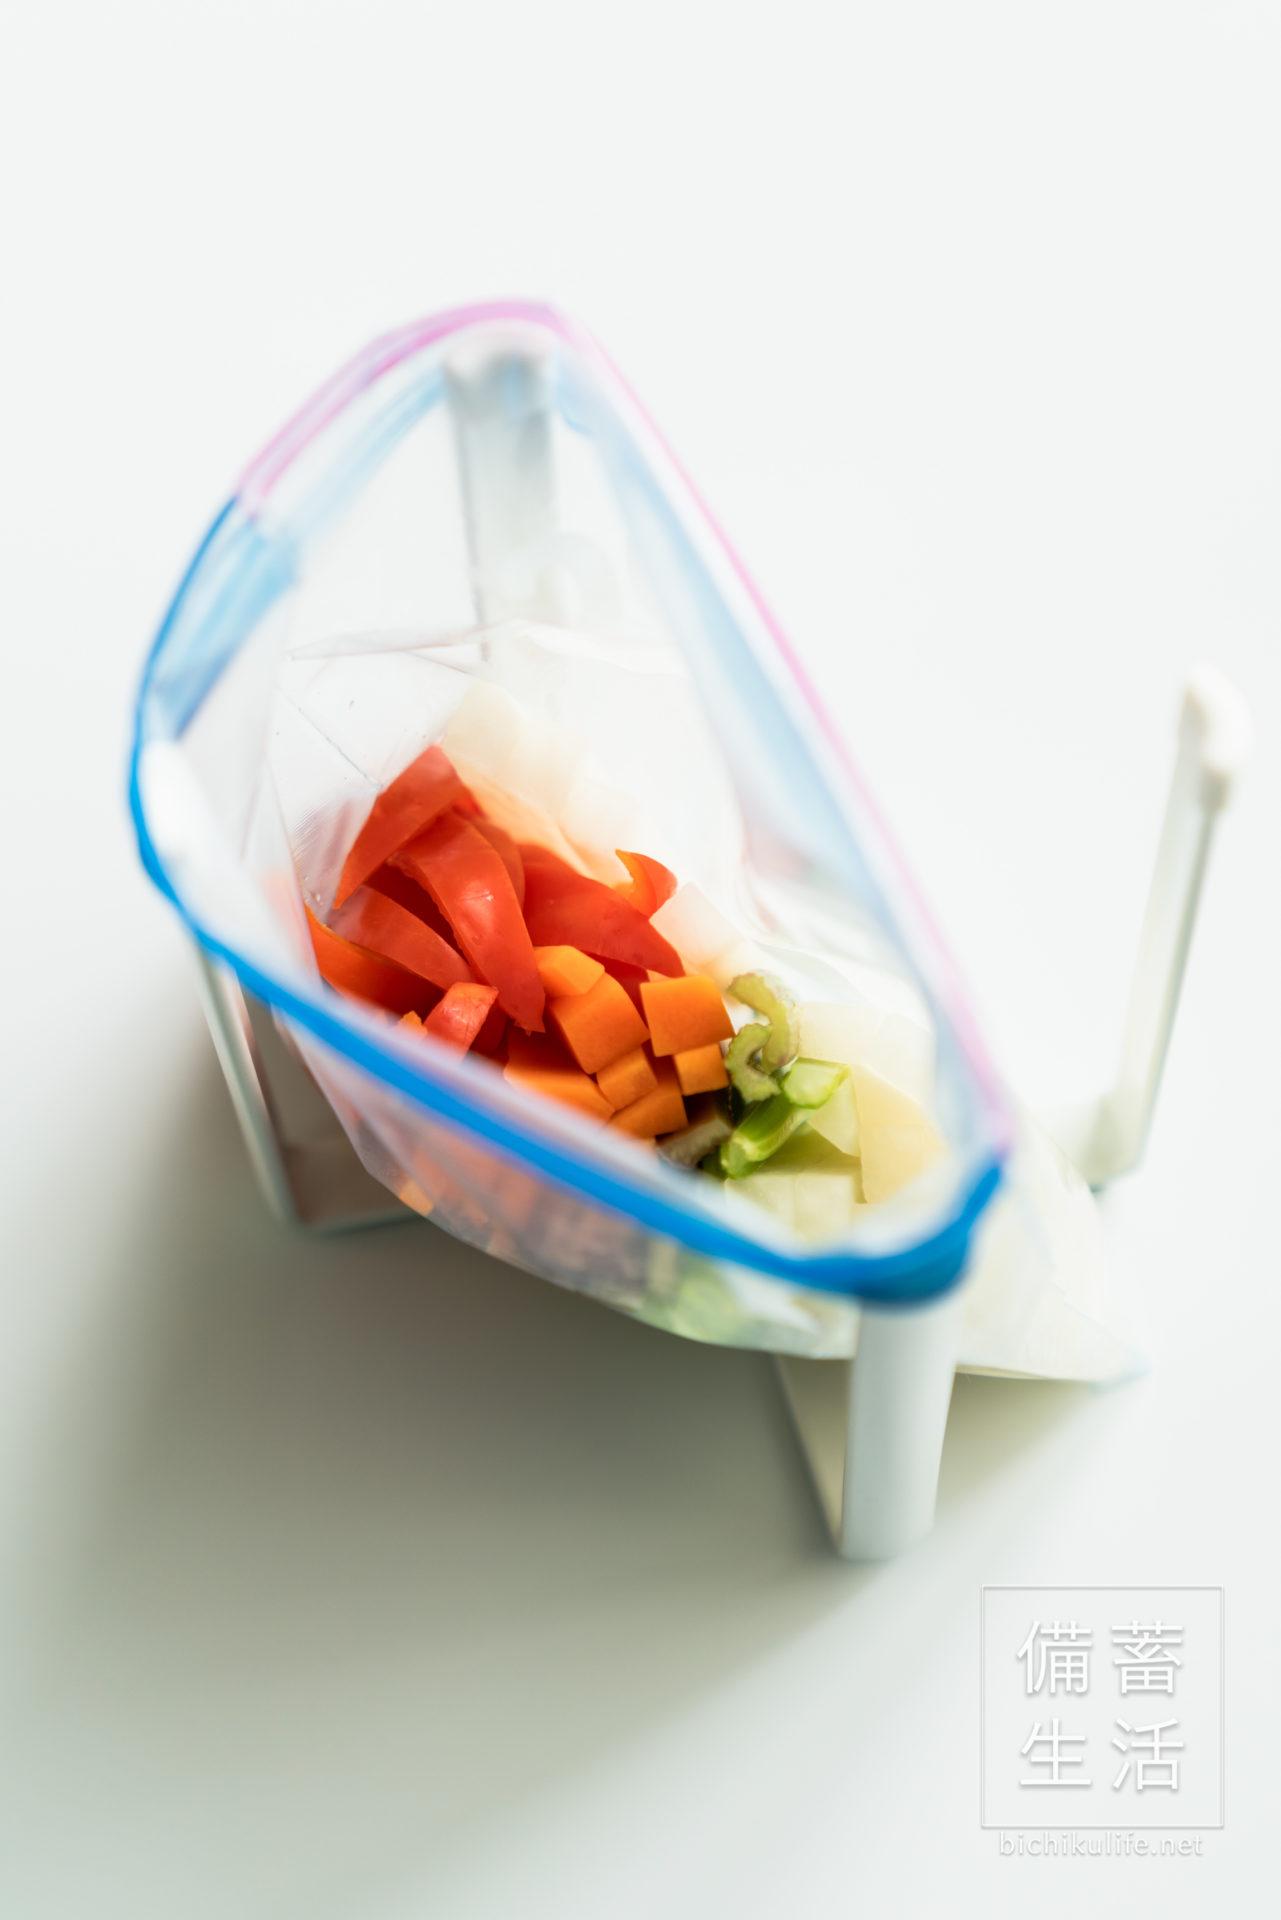 自家製ピクルスのレシピ、野菜にピクルス液を入れる